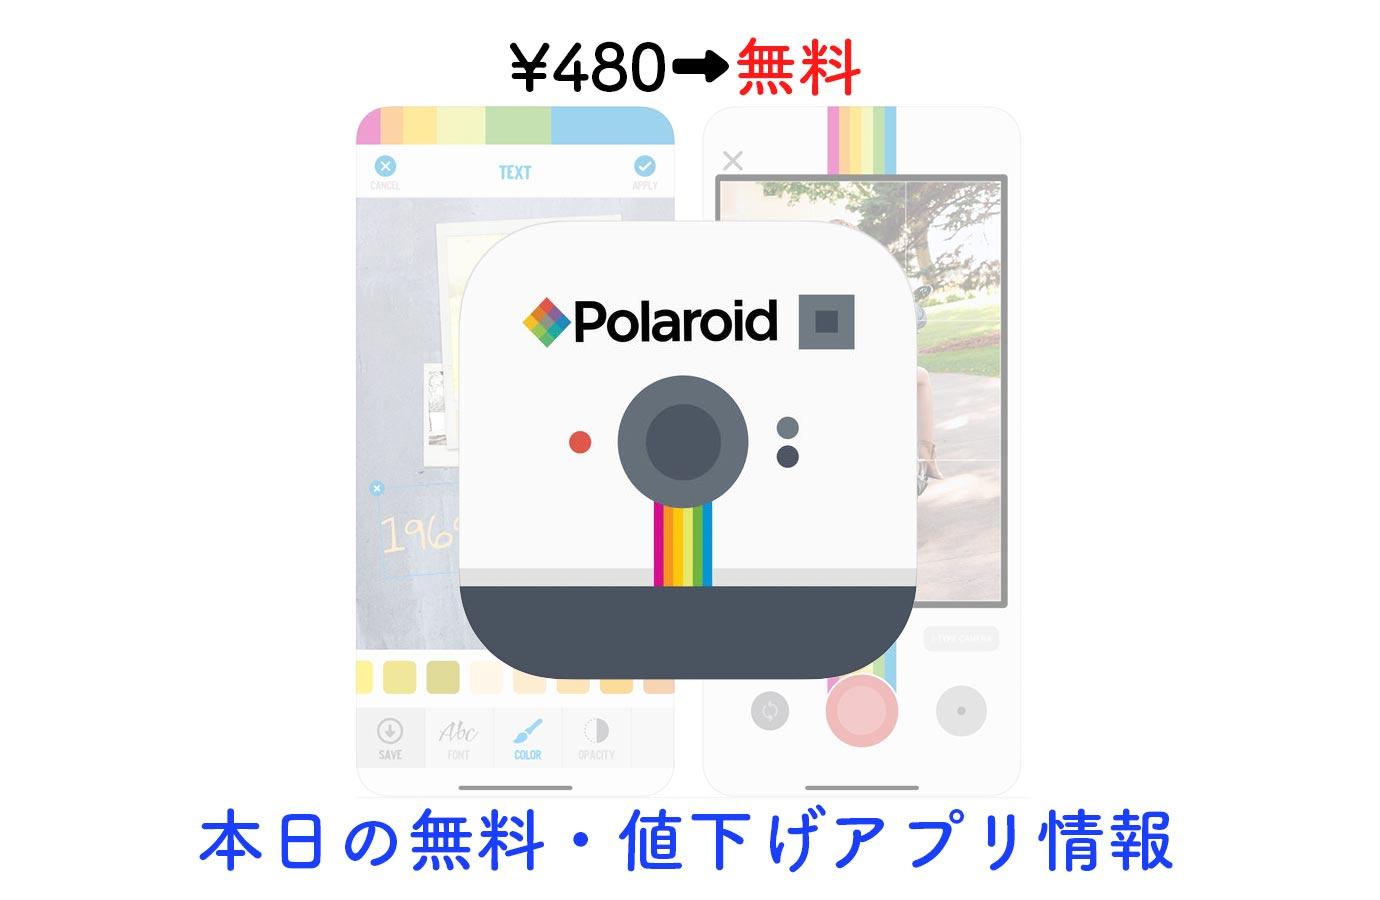 ¥480→無料、ポラロイド風の写真が撮れるアプリ「Polaroid Fx」など【3/29】セールアプリ情報